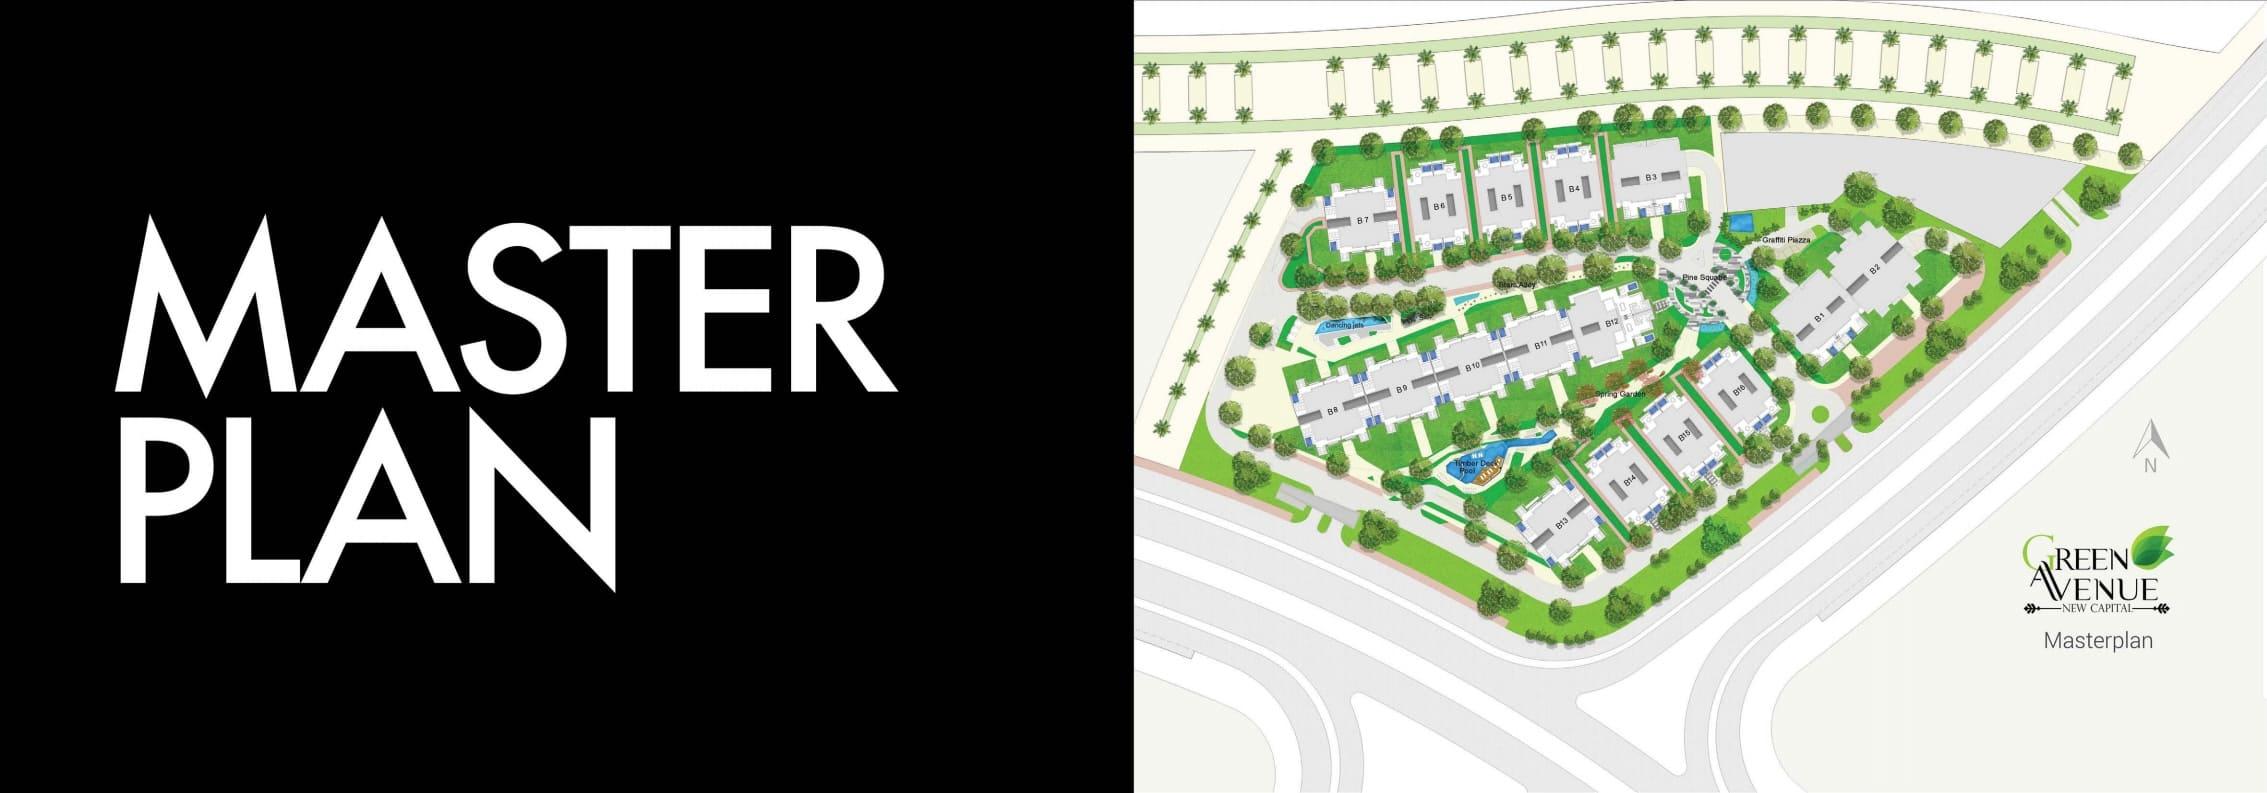 تصميم ومخطط مشروع جرين افنيو العاصمة